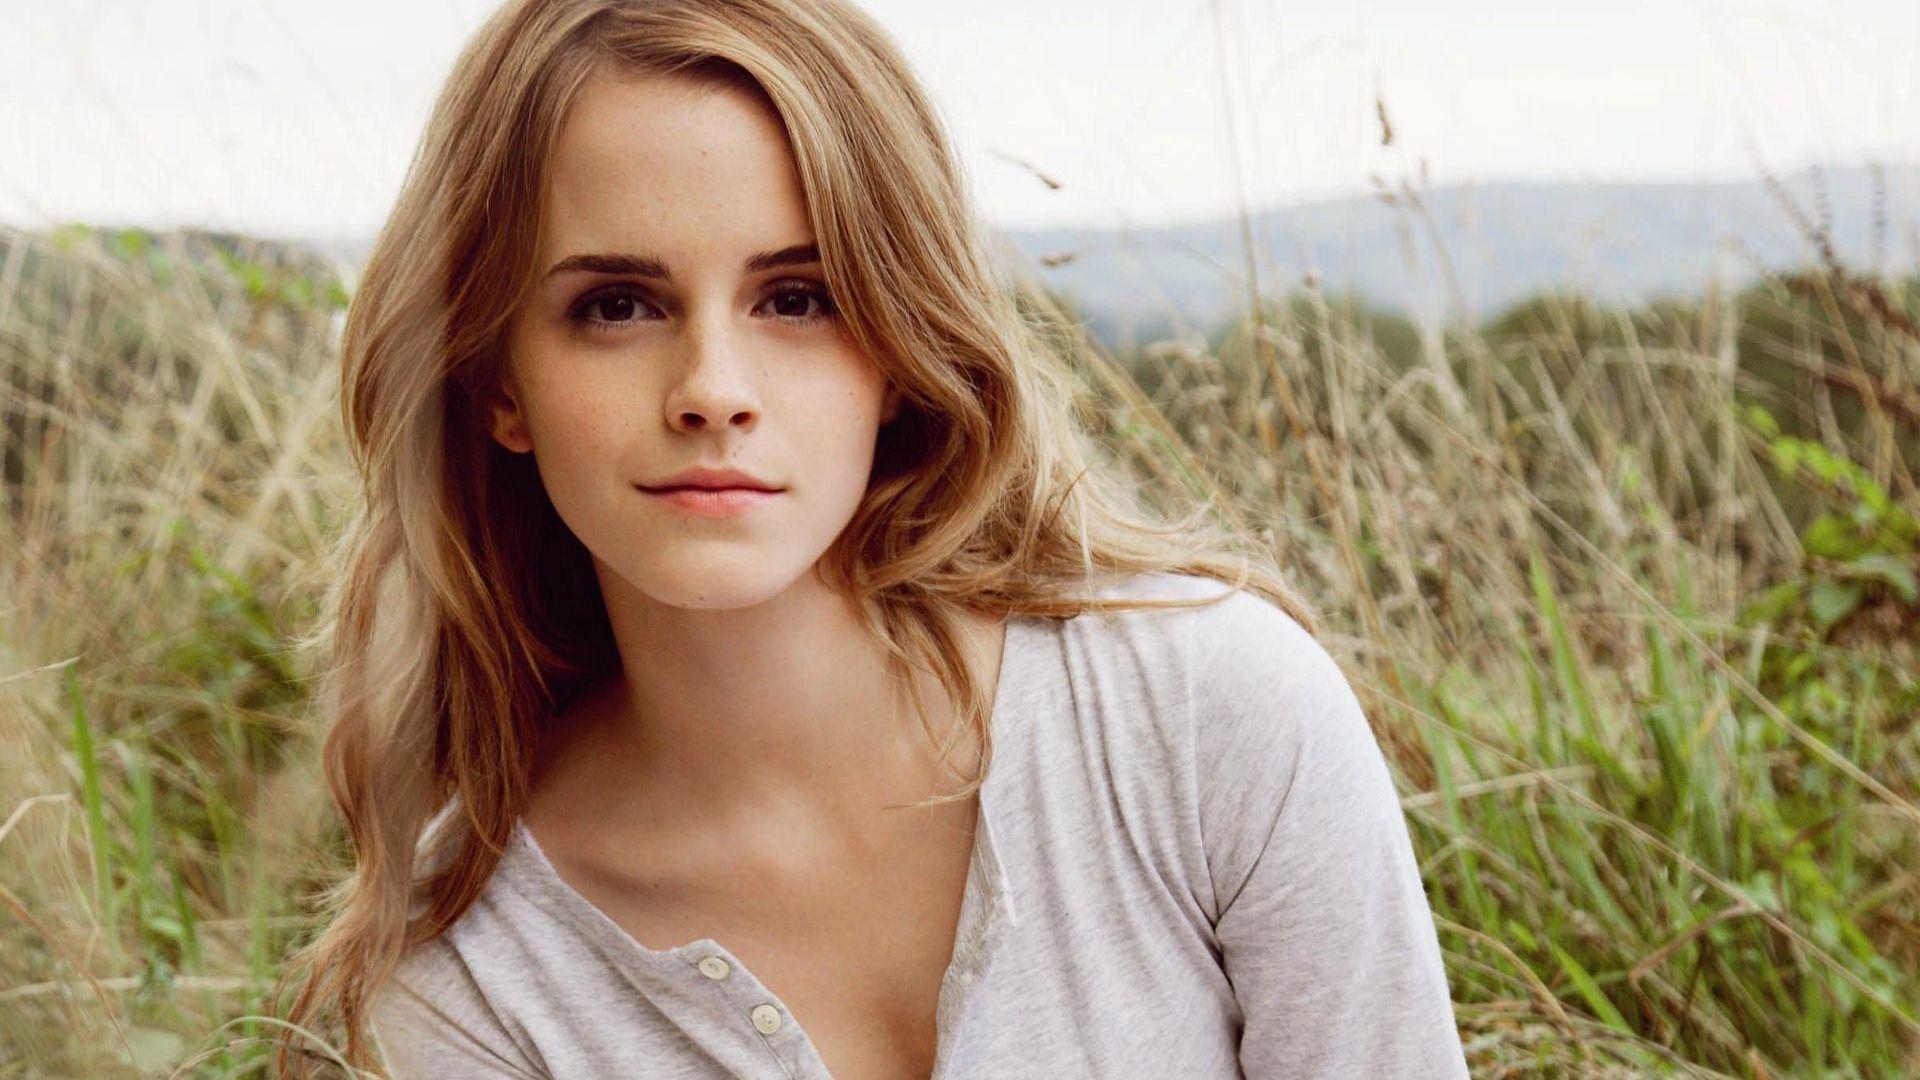 Latest Emma Watson Wallpapers 2015 3 1920x1080